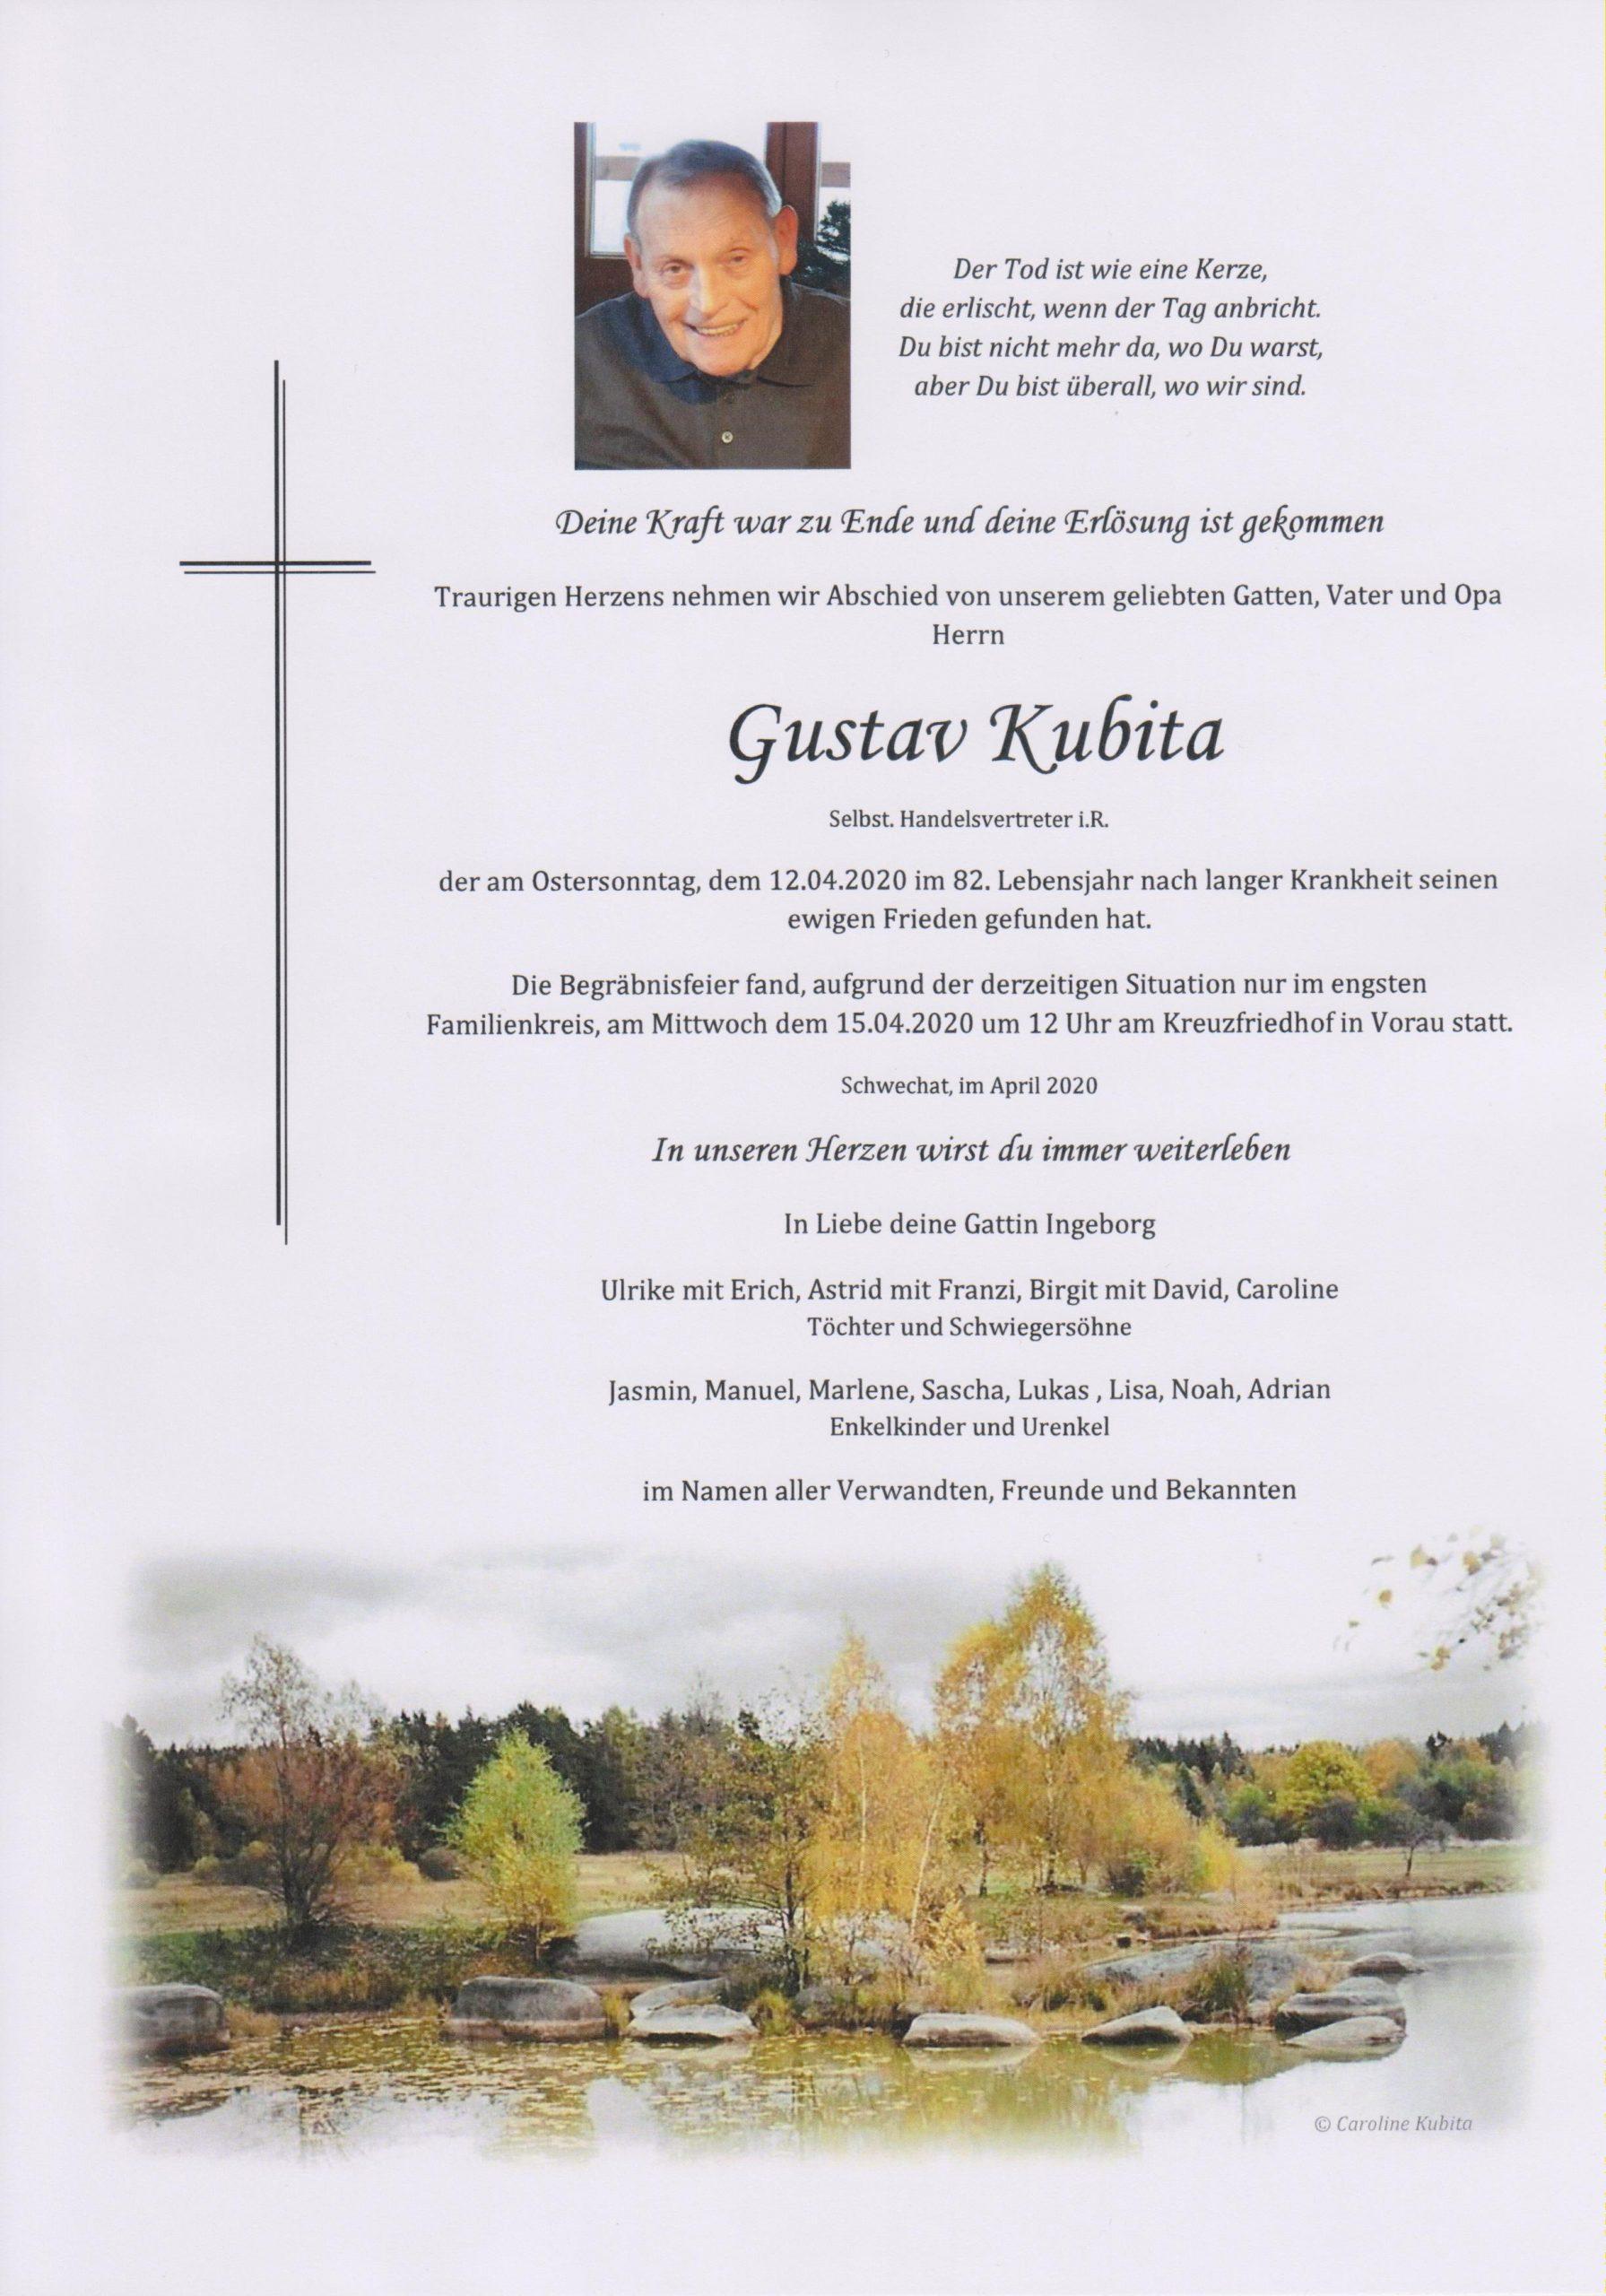 Gustav Kubita